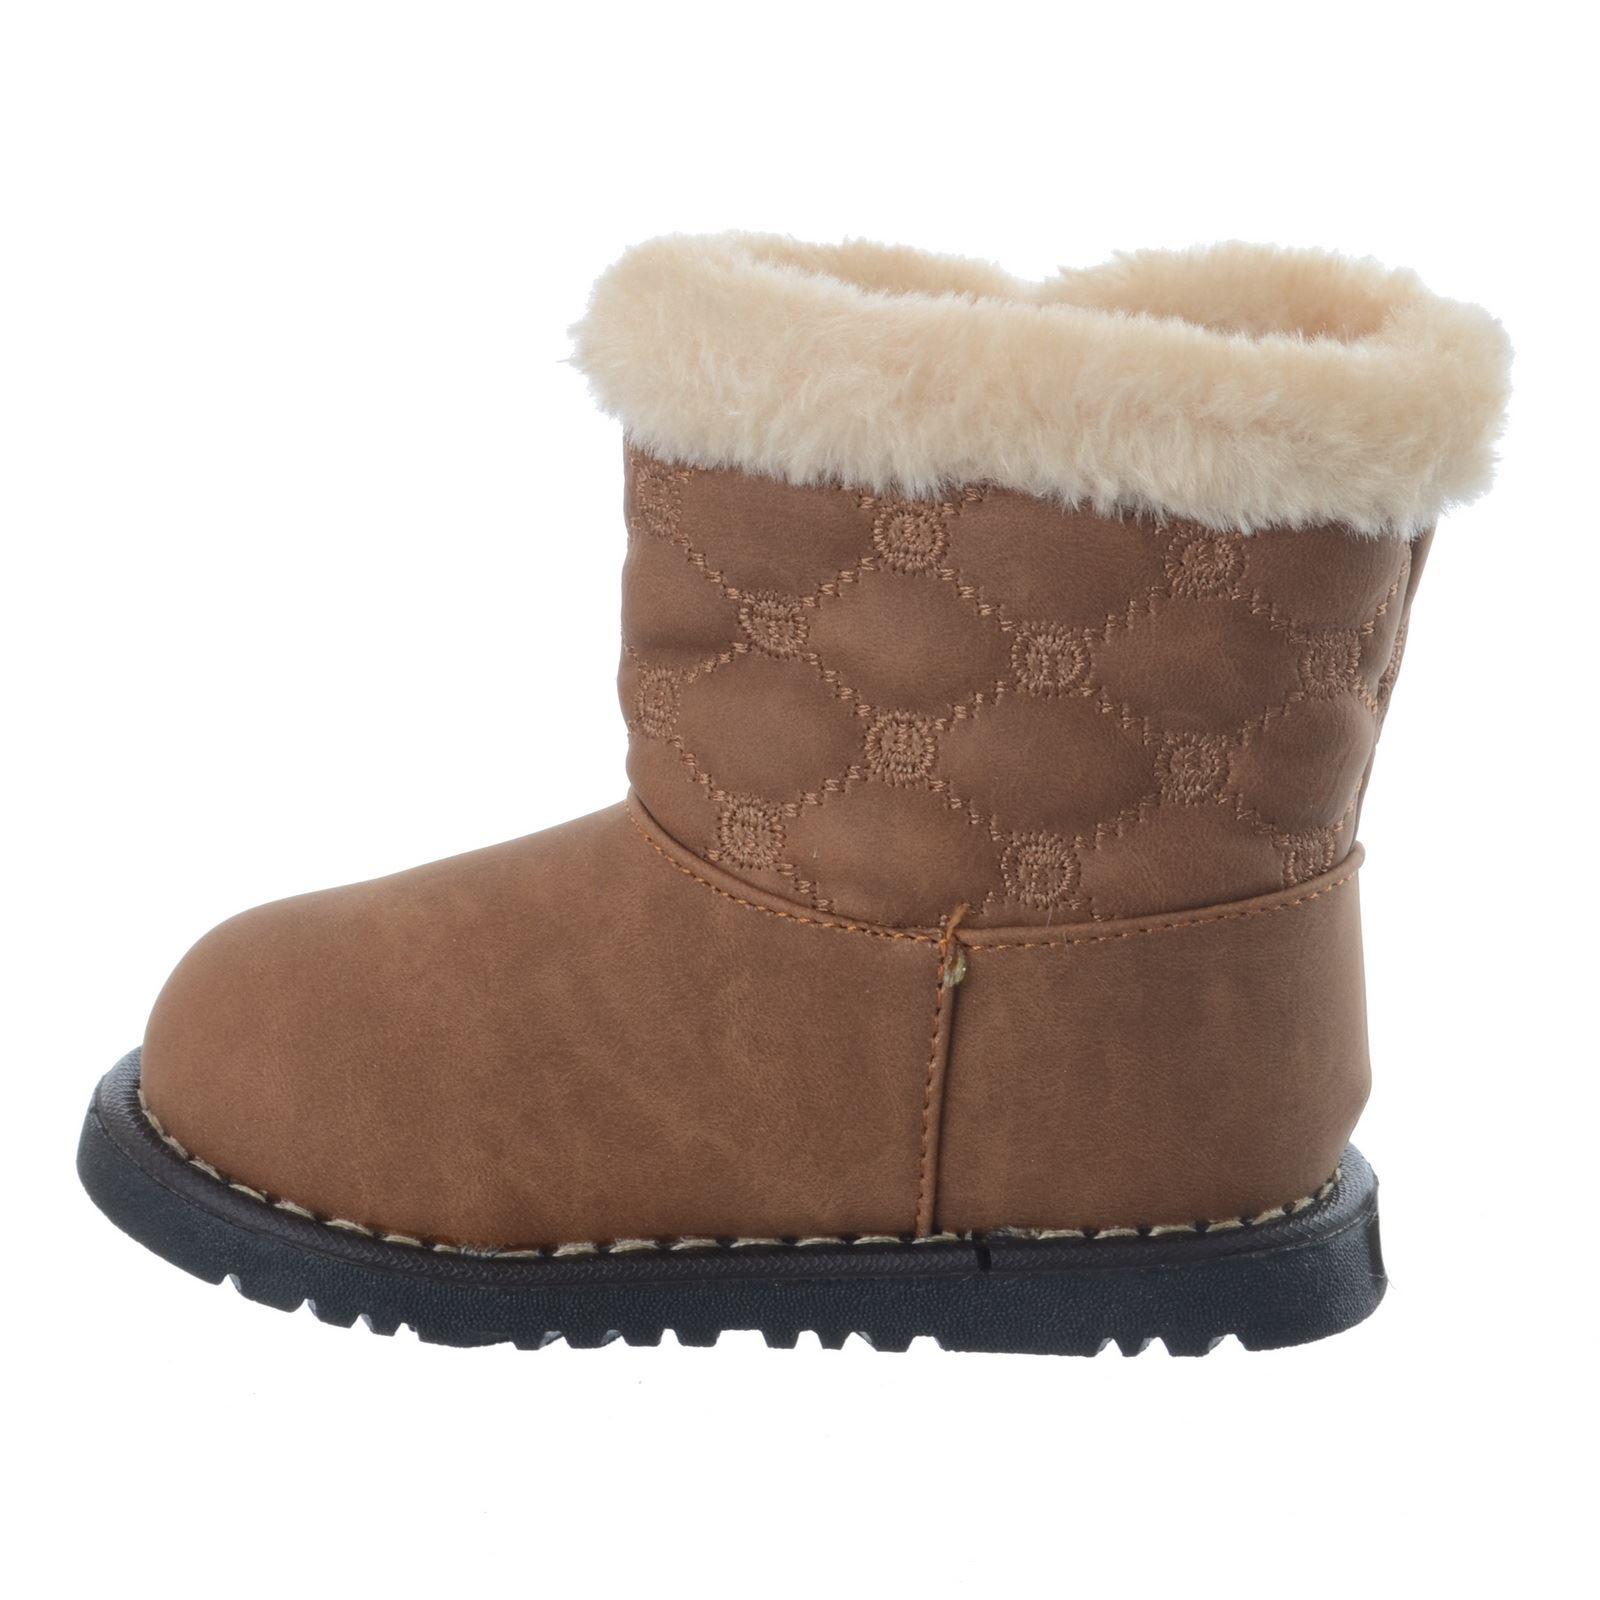 Chicas Infantil Niño Acolchado Botón Botas Zapatos Piel Forrada de Invierno Cálido Talla 3-8